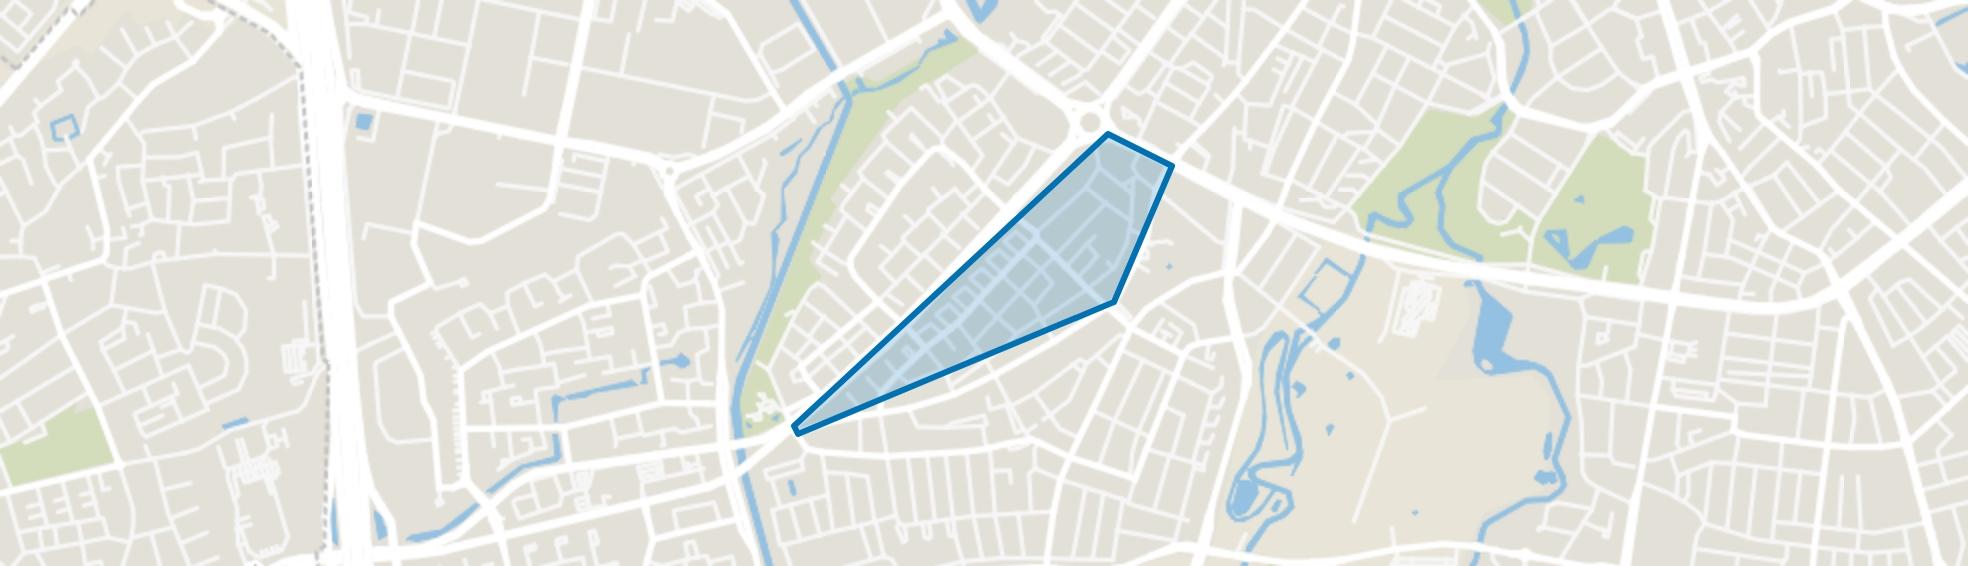 Blaarthem, Eindhoven map